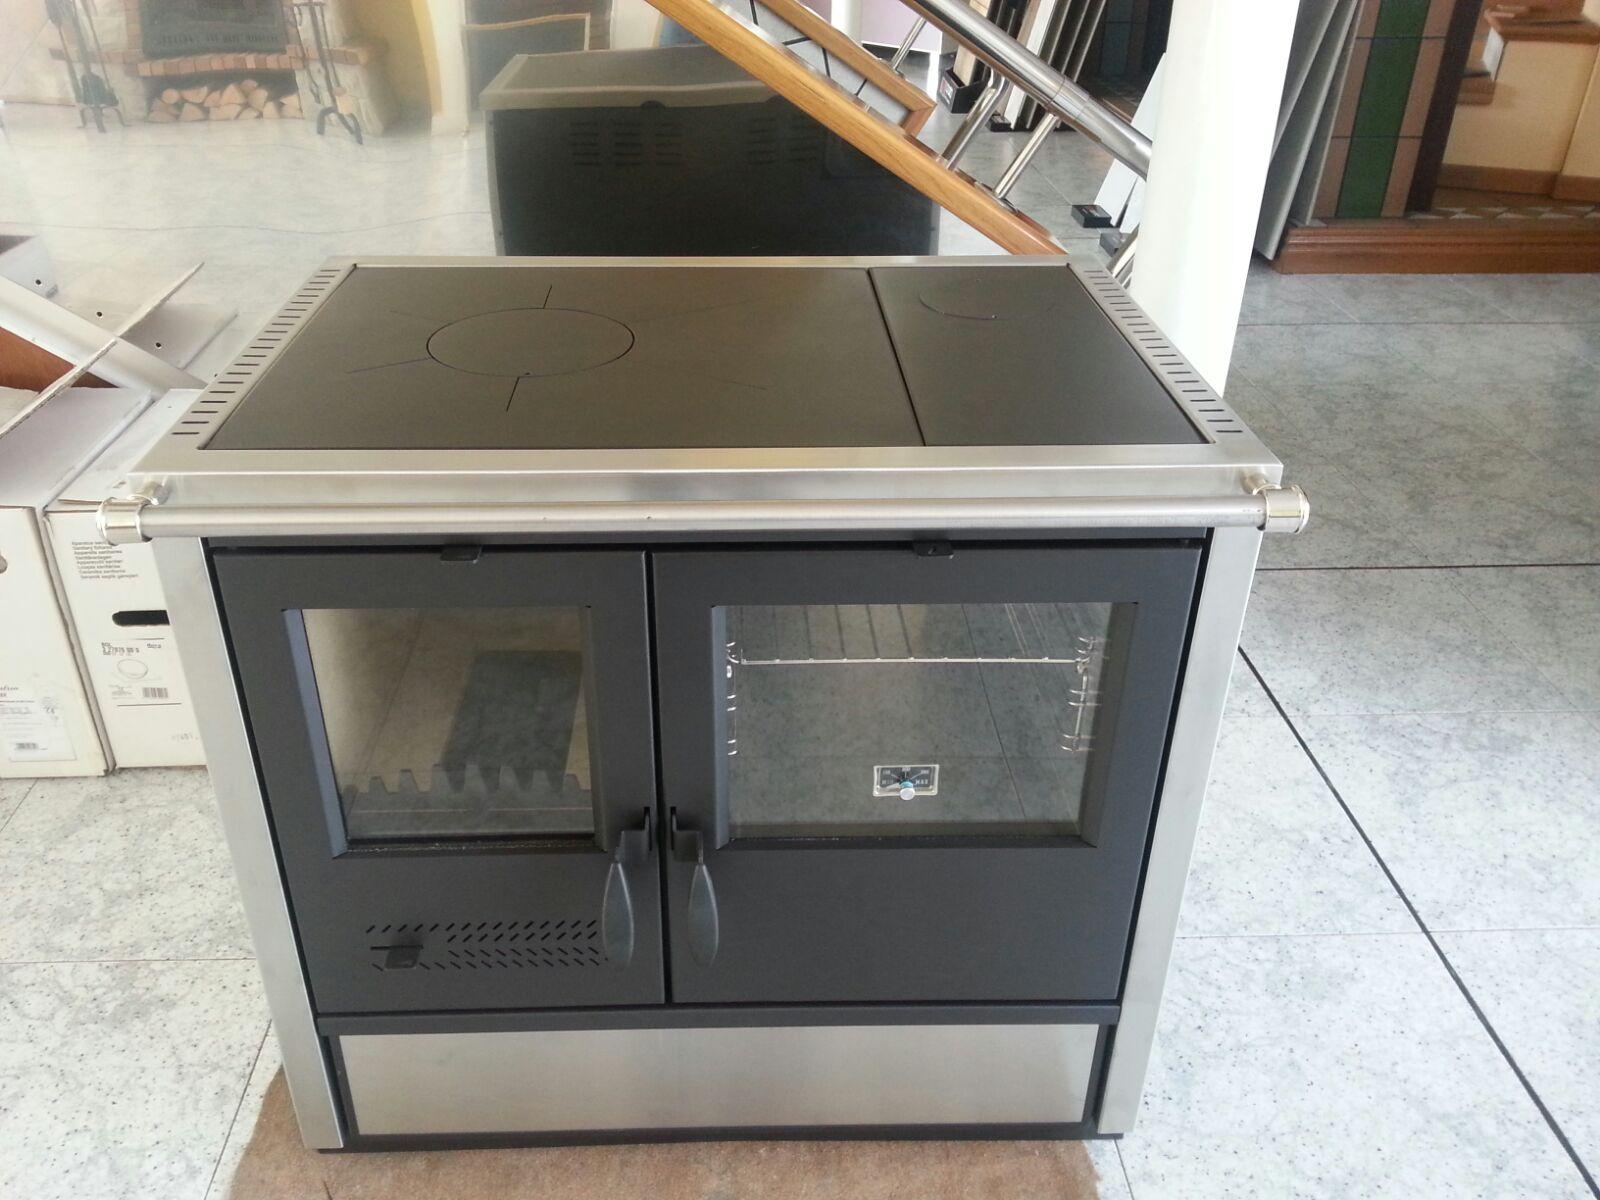 Bonito cocina calefactora hergom precio molde ideas de - Cocinas hergom precios ...